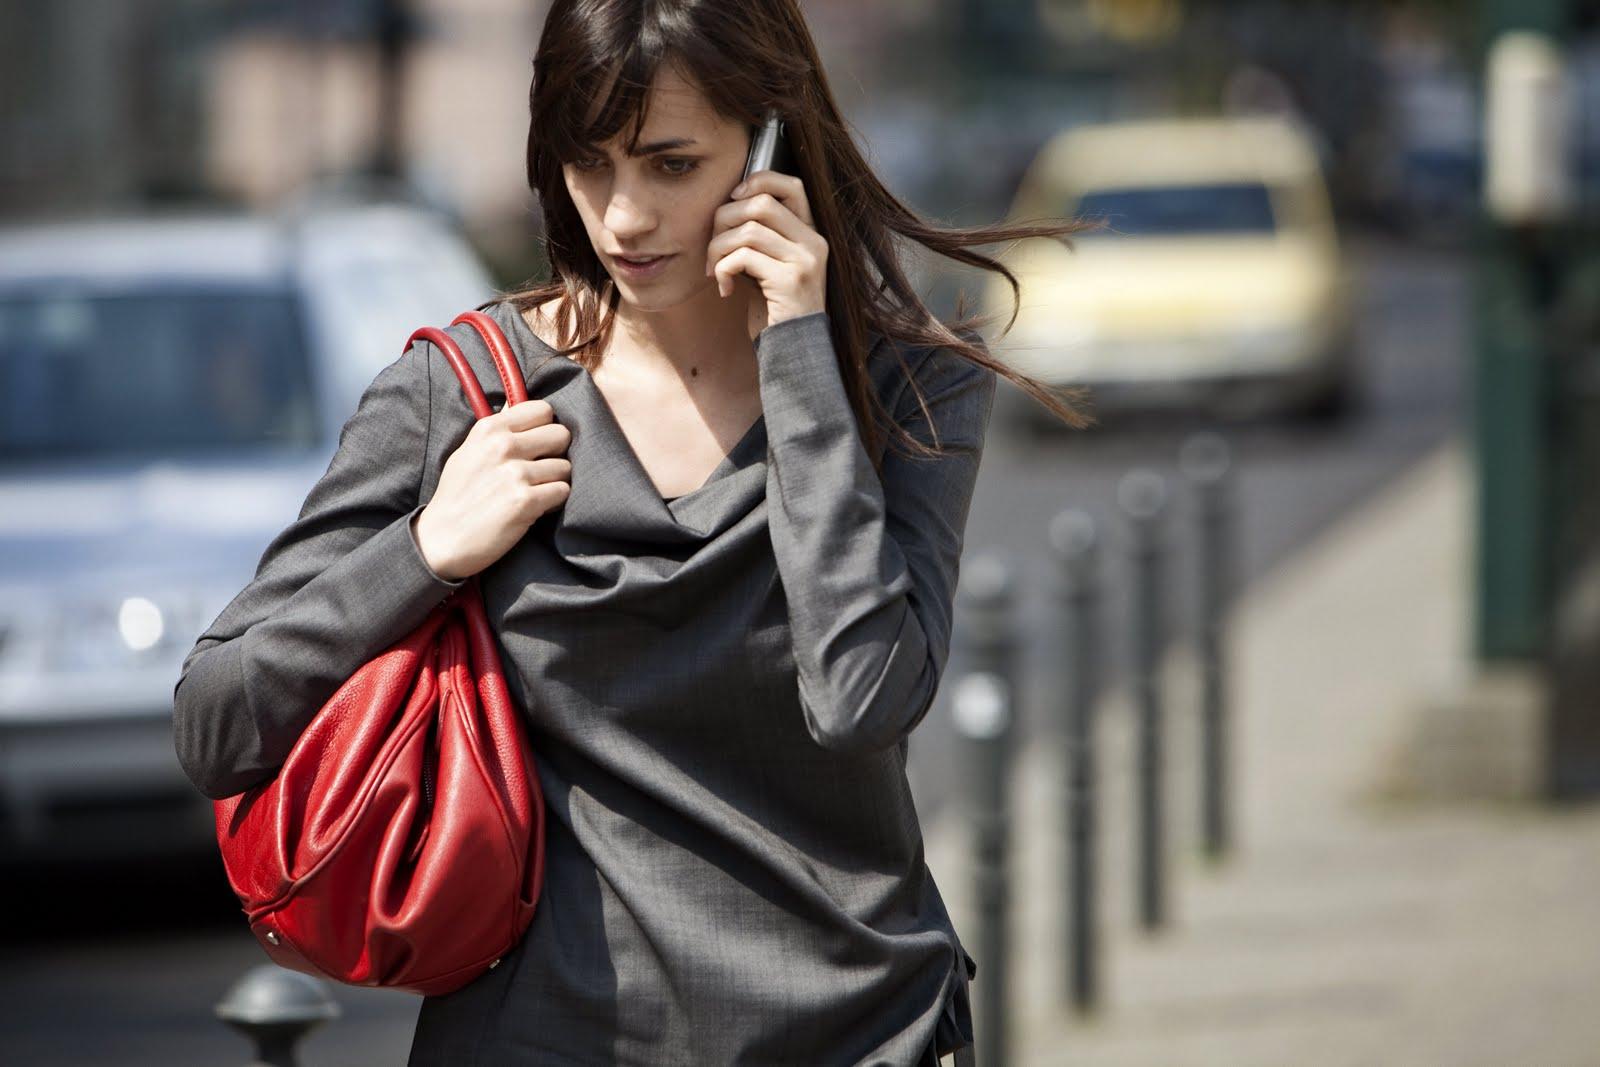 Հայաստանի բնակչության 96%-ն ունի բջջային հեռախոս